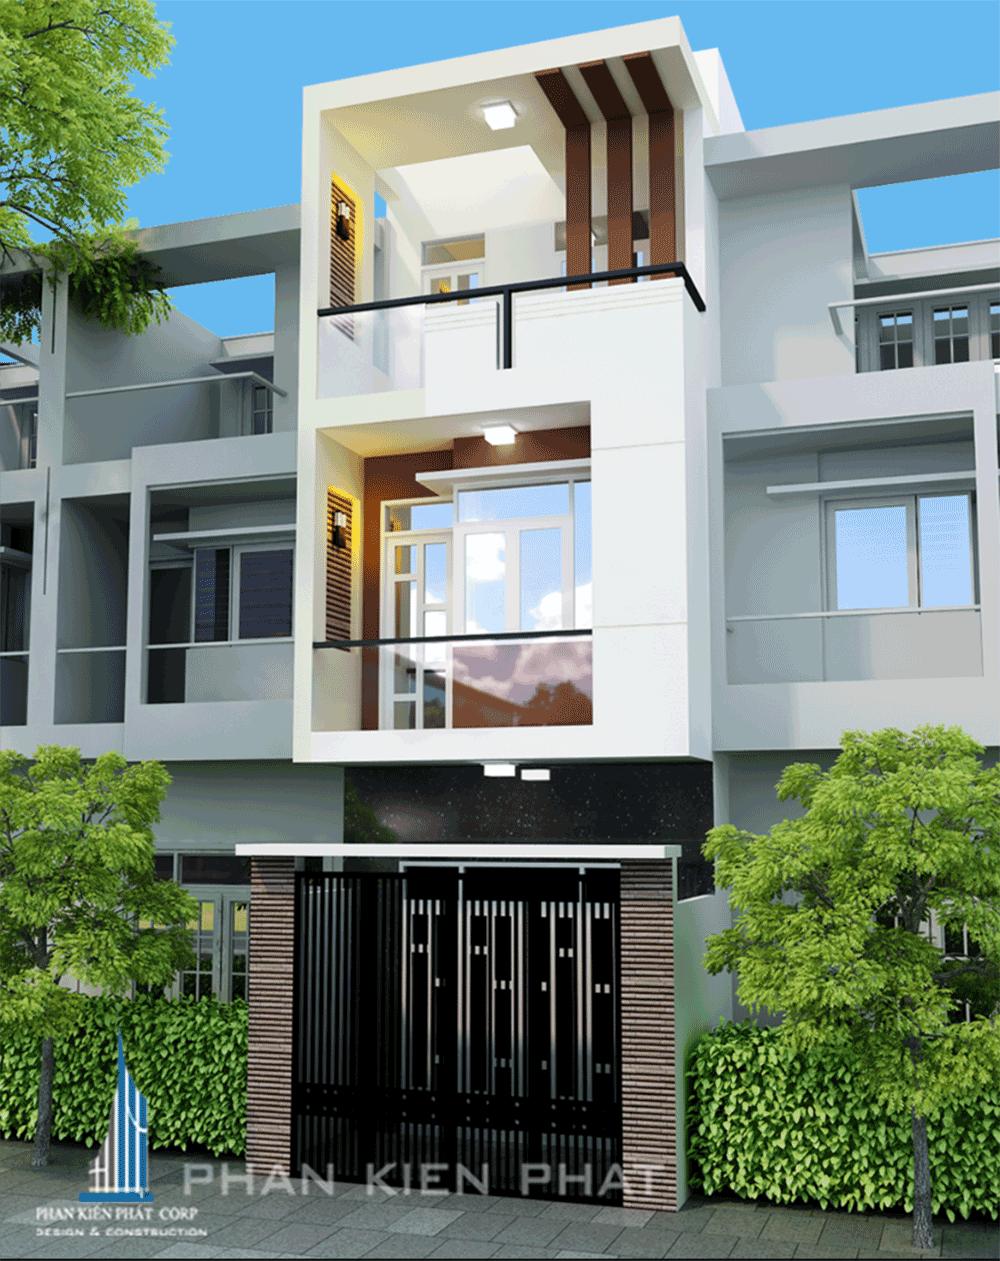 Mẫu nhà phố 3 tầng đẹp diện tích 4x12m tại Gò Vấp, Tp. HCM